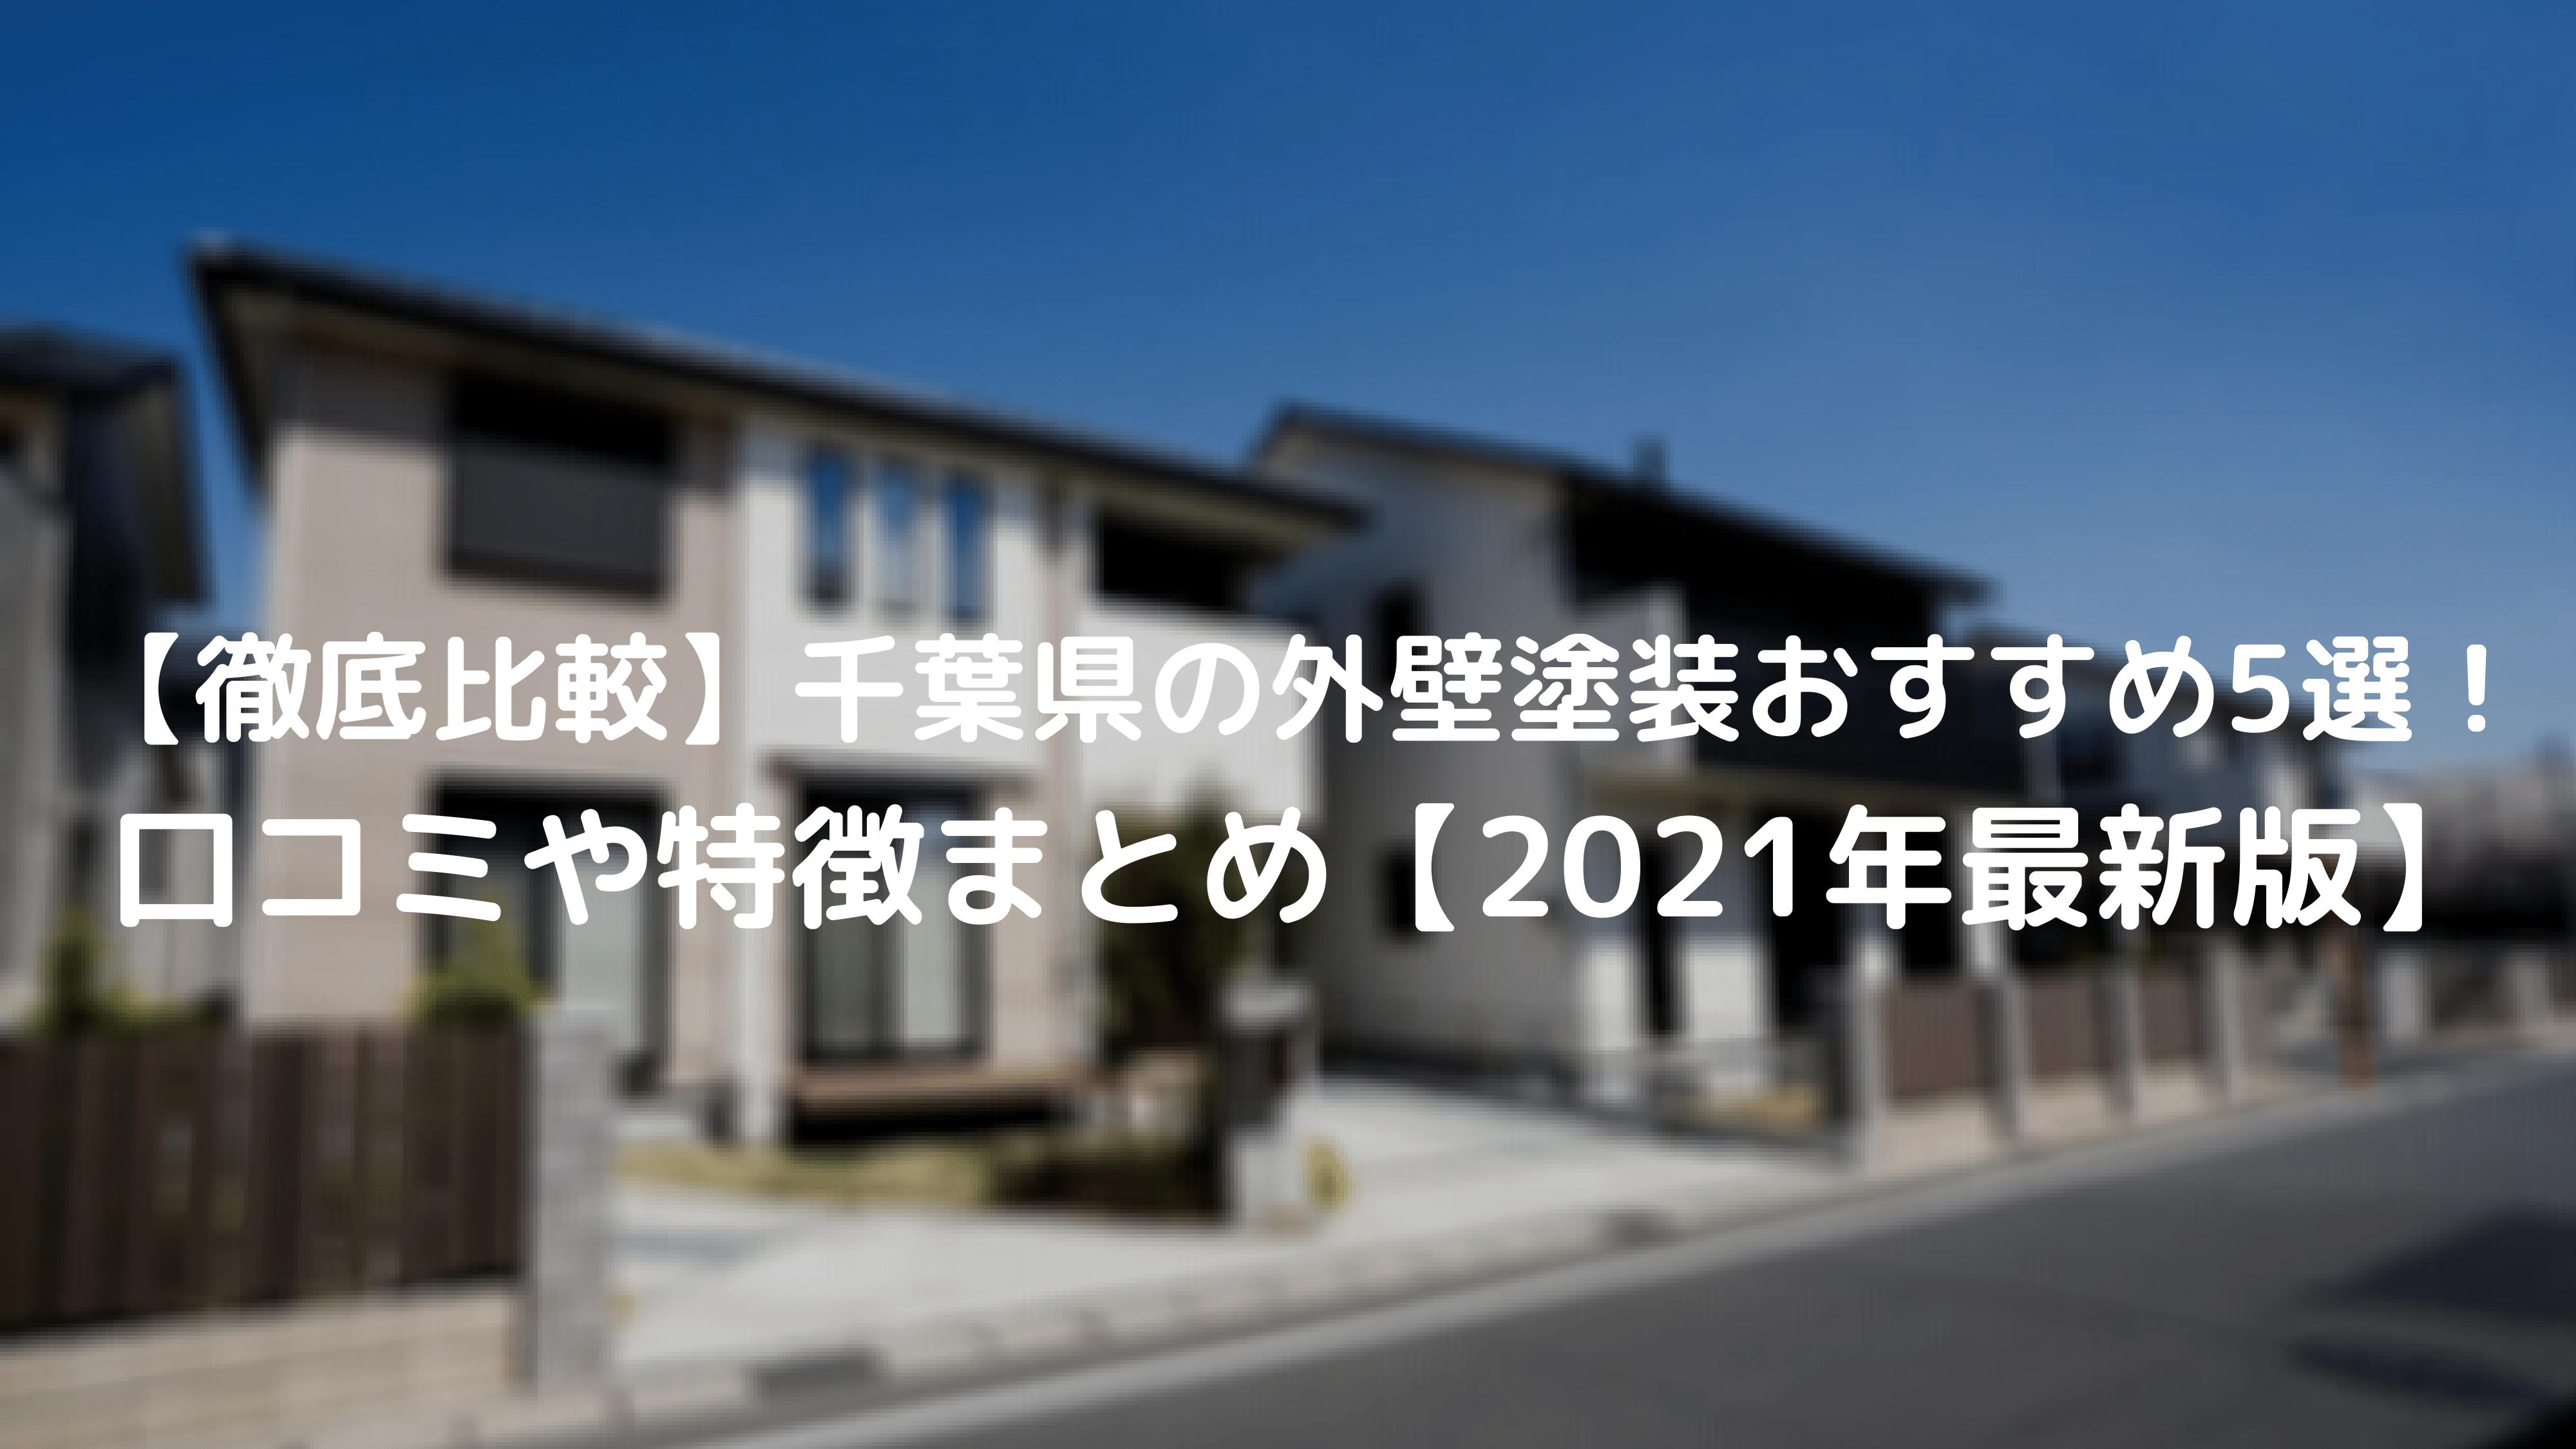 【徹底比較】千葉県の外壁塗装おすすめ5選! 口コミや特徴まとめ【2021年最新版】